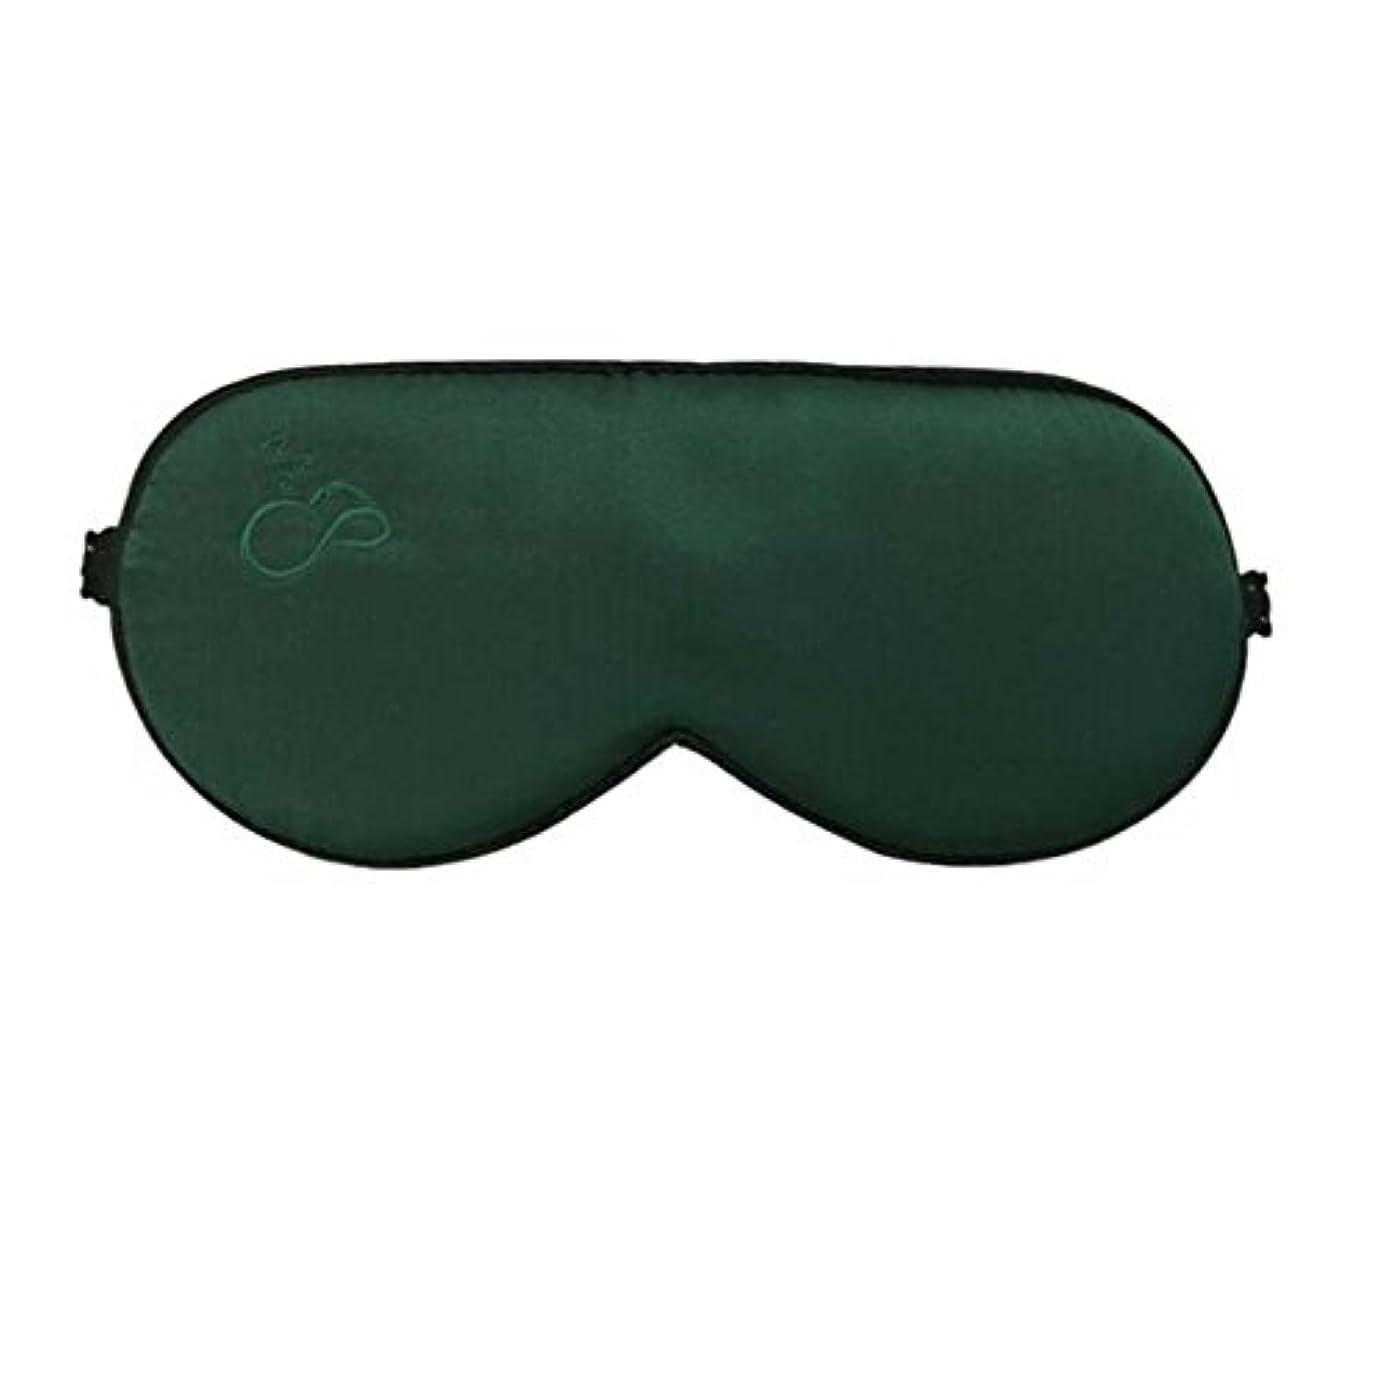 ネズミダーツ余裕があるグリーンソフトシルクスリープアイマスクカバー